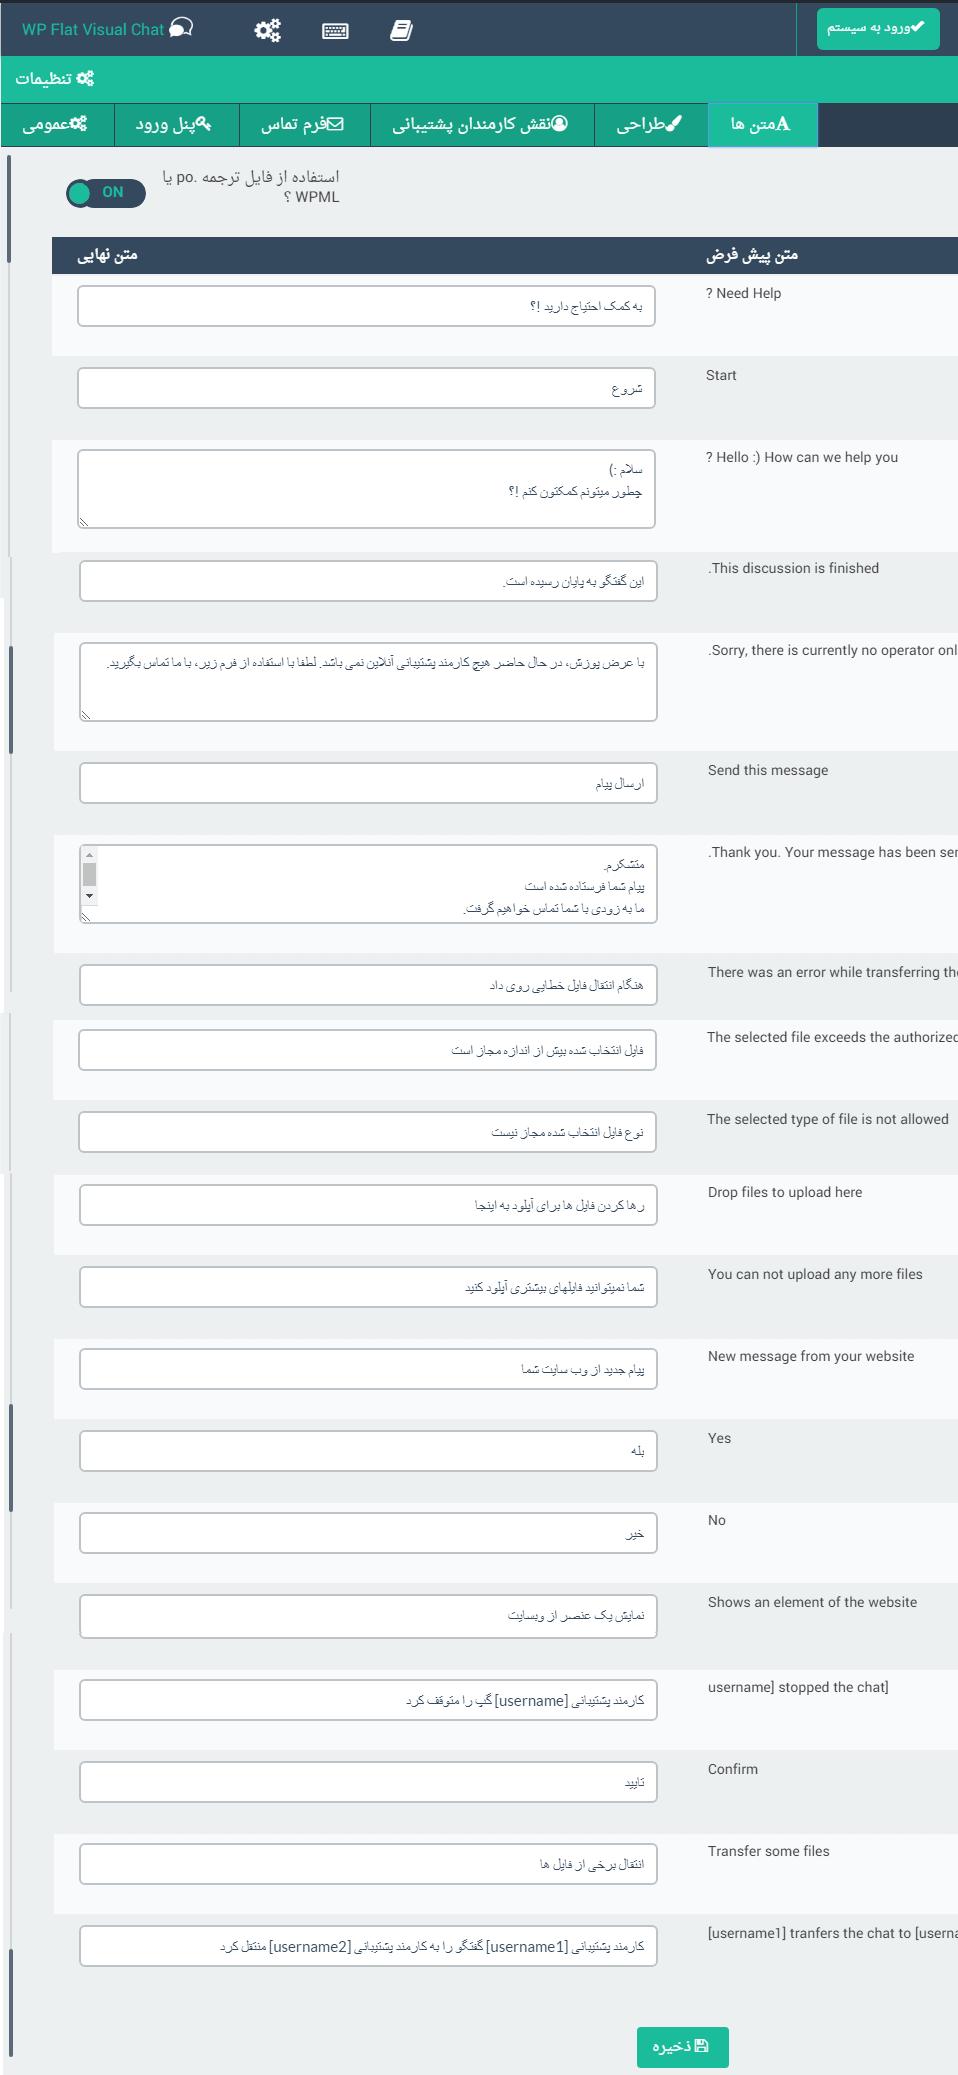 برگه سفارشی سازی متن های پلاگین WP Flat Visual Chat